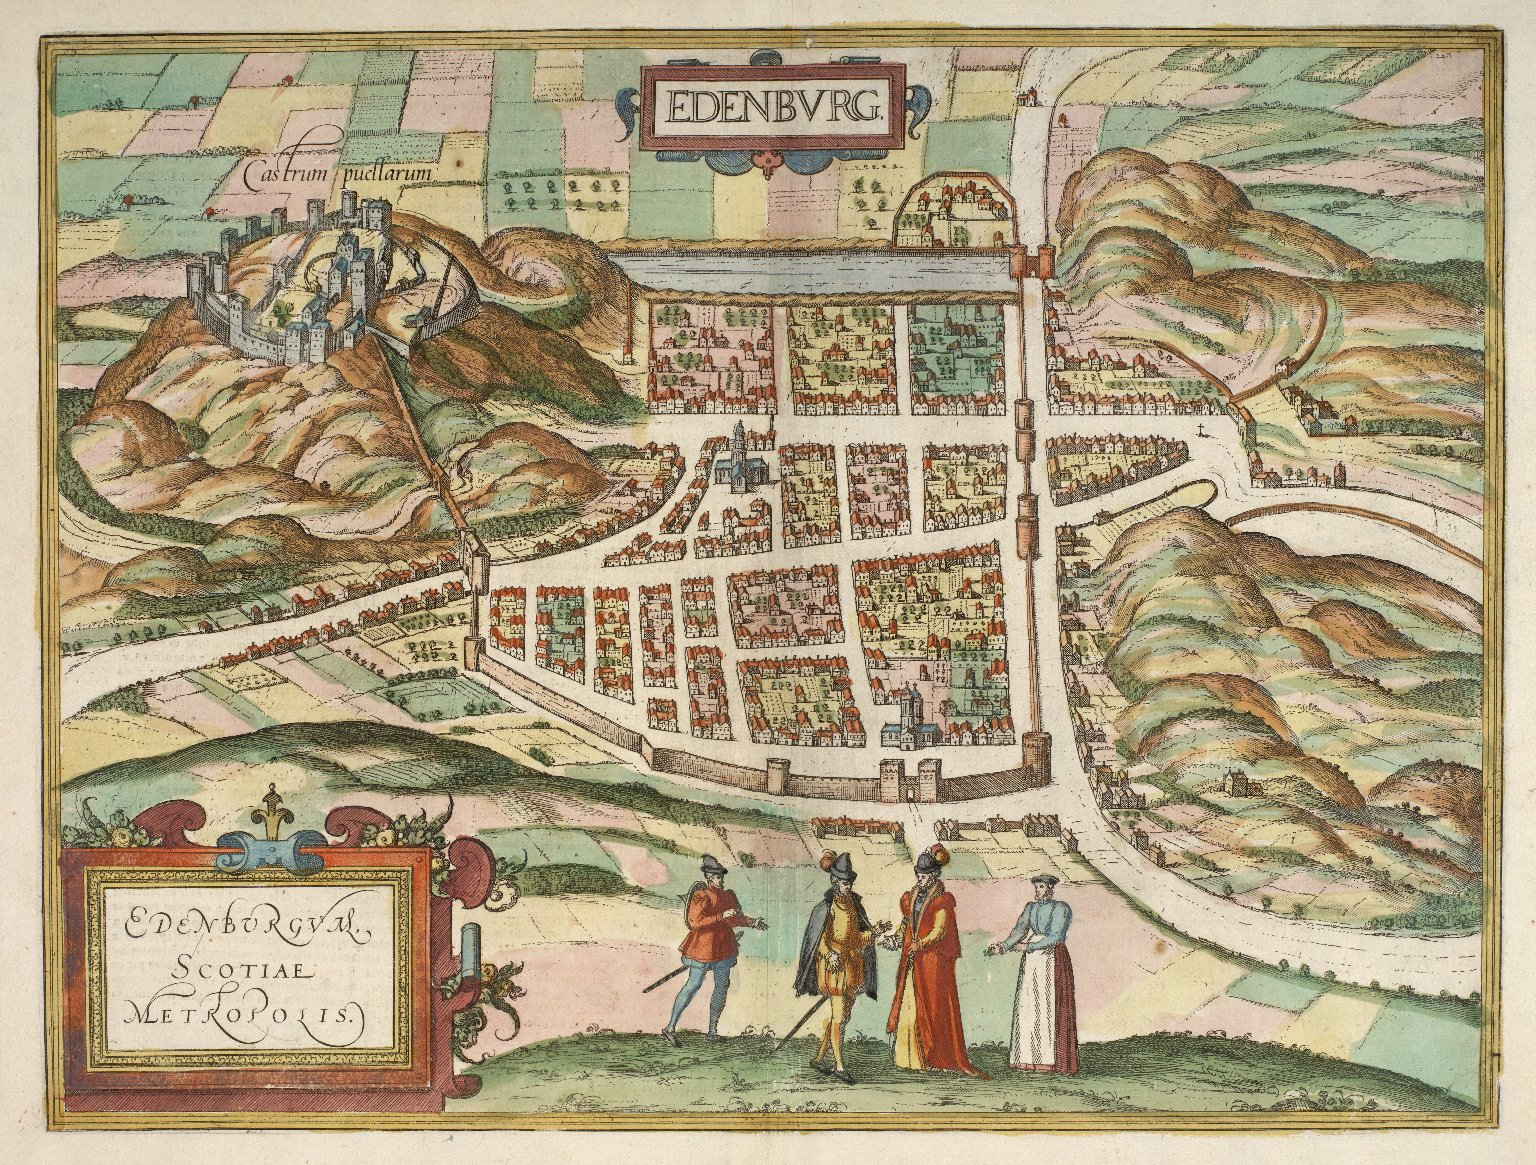 Edenburgum, Scotiae Metropolis [1 of 2]